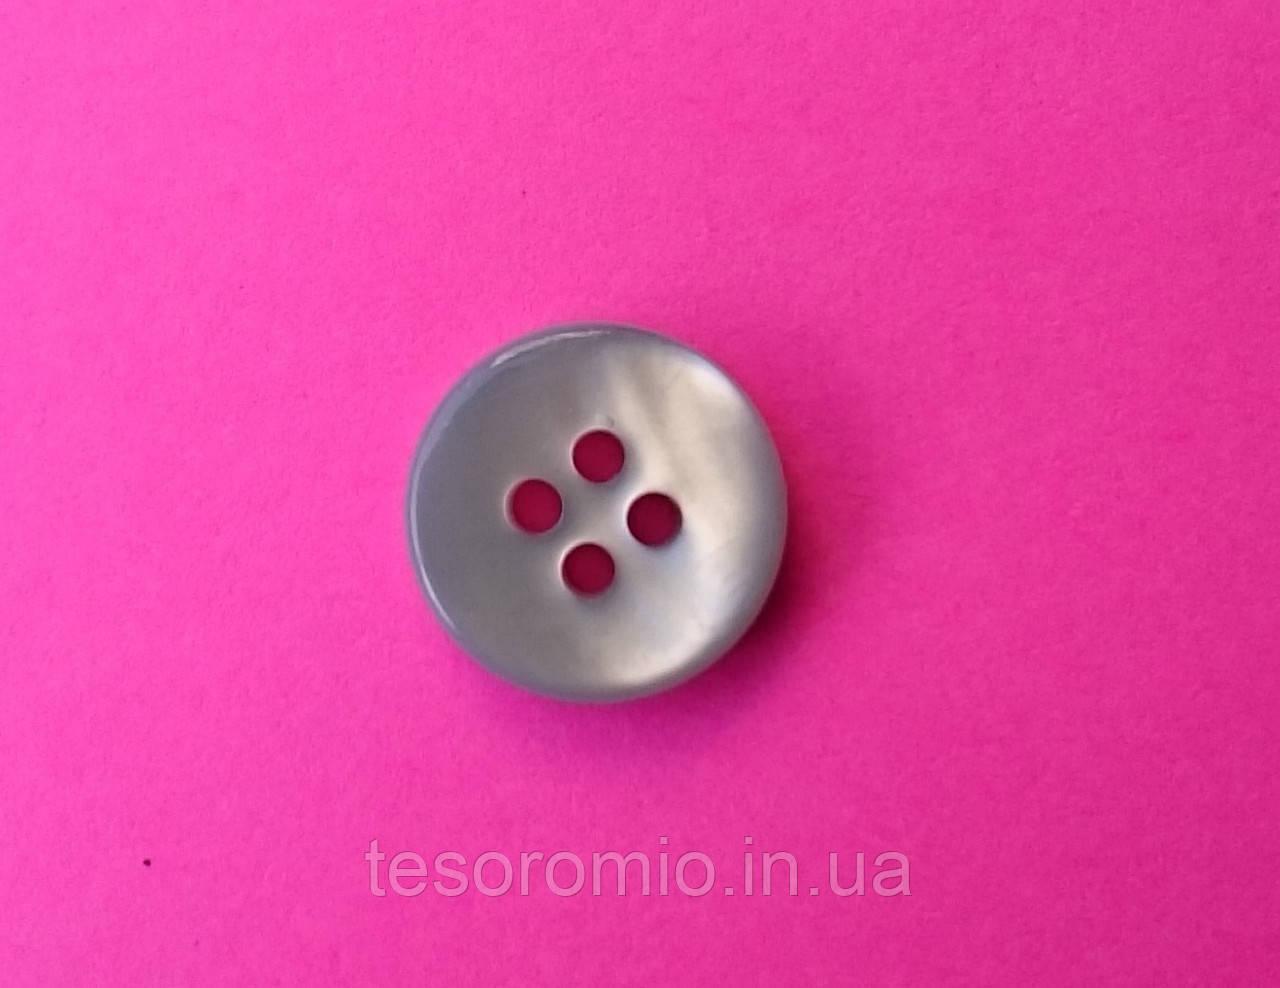 Пуговица рубашечная перламутровая голубая, 10 мм диаметр